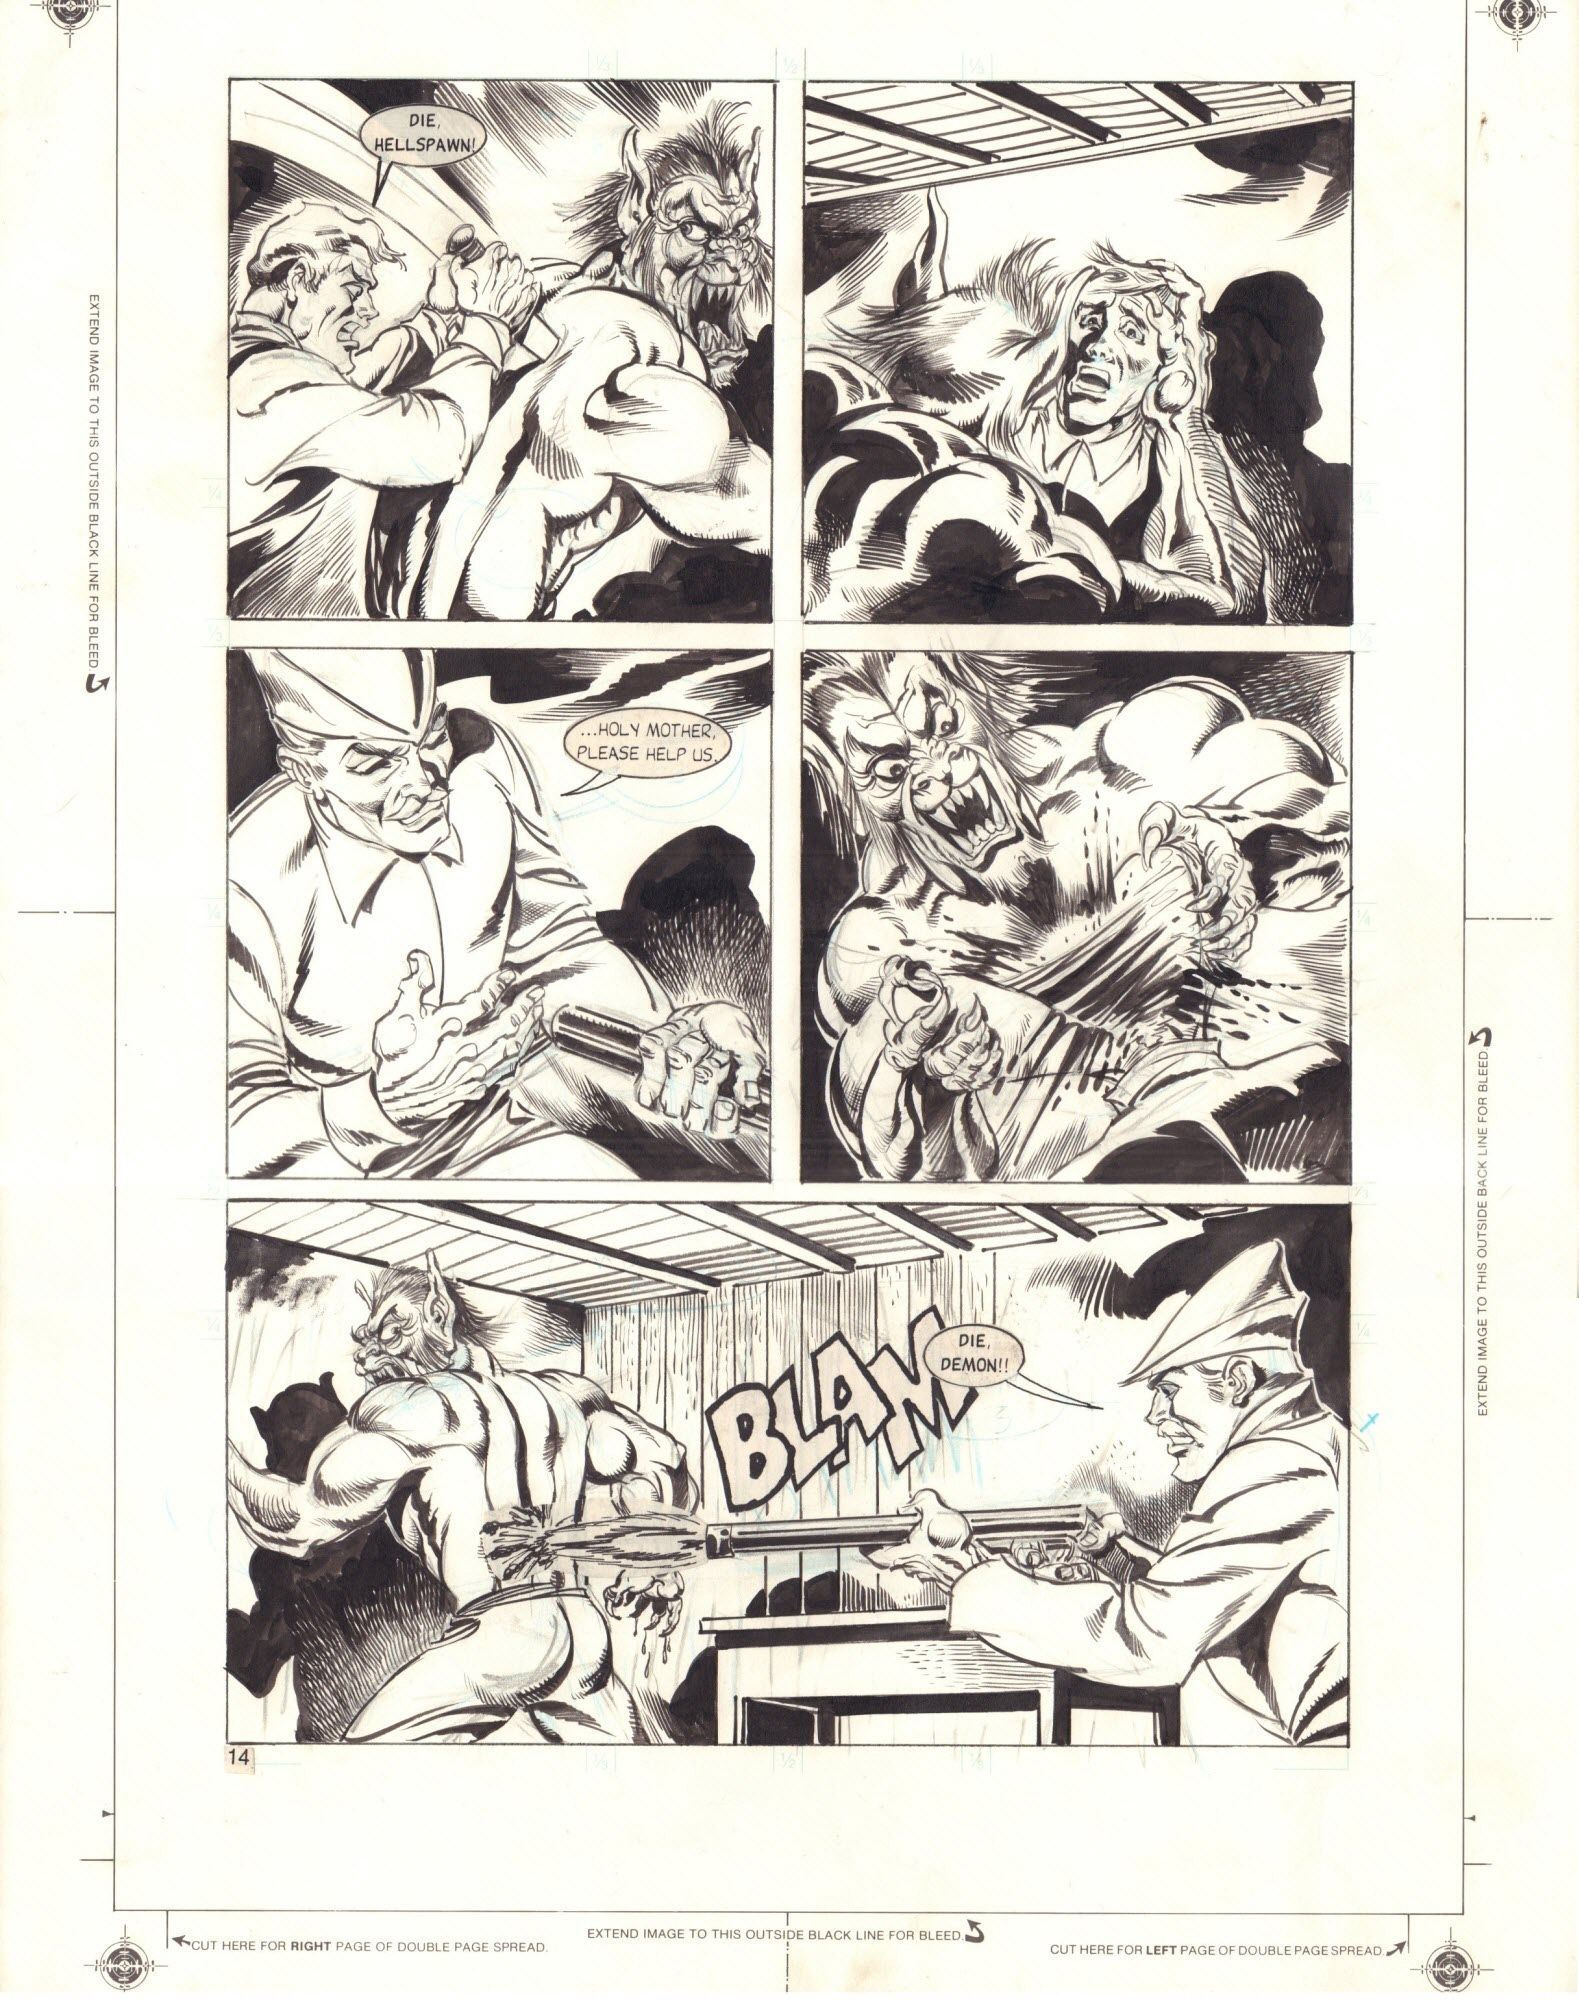 Werewolf 3-D, s. 14